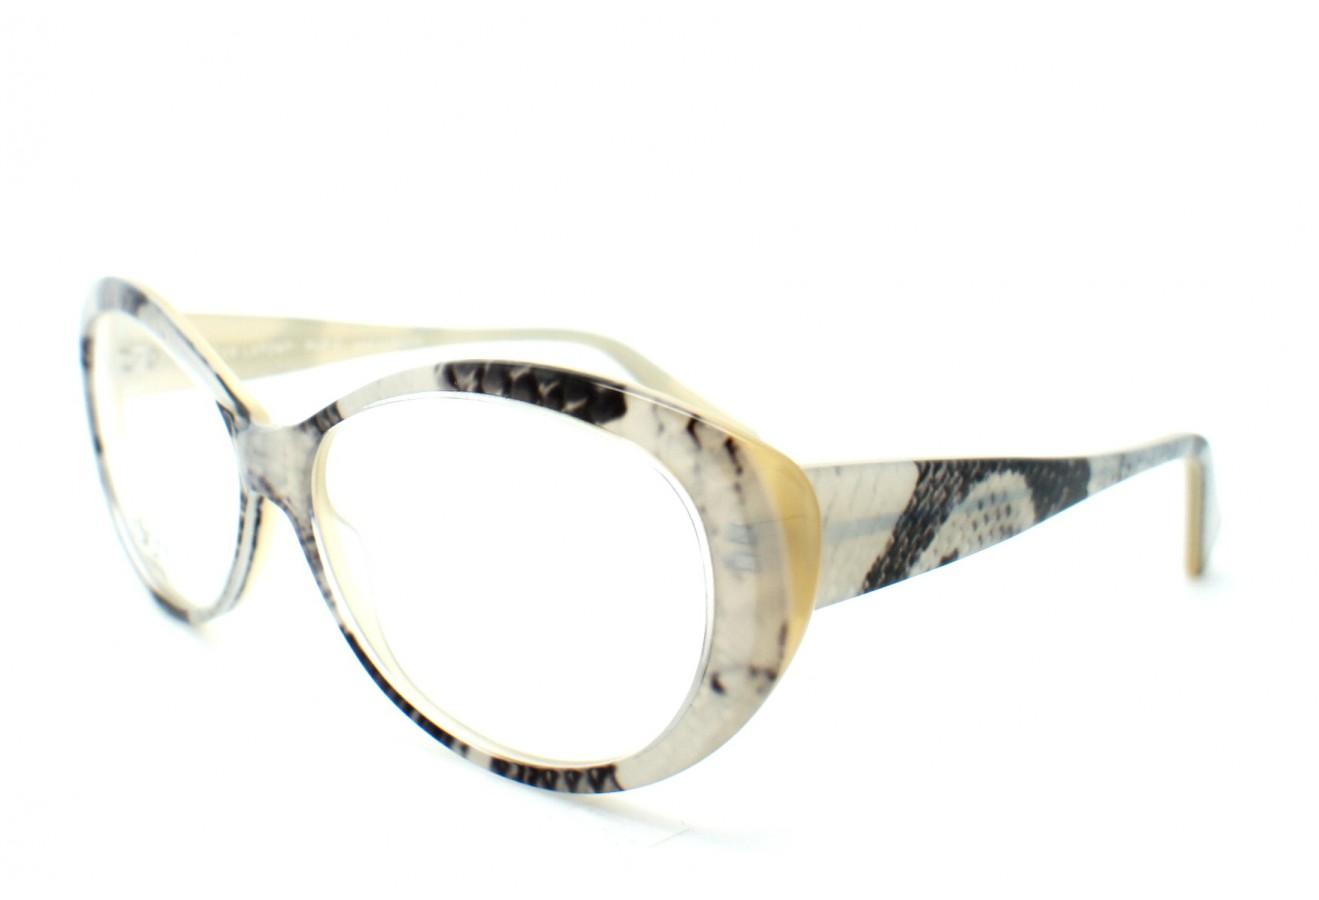 Changez vos habitudes en matière de lunettes